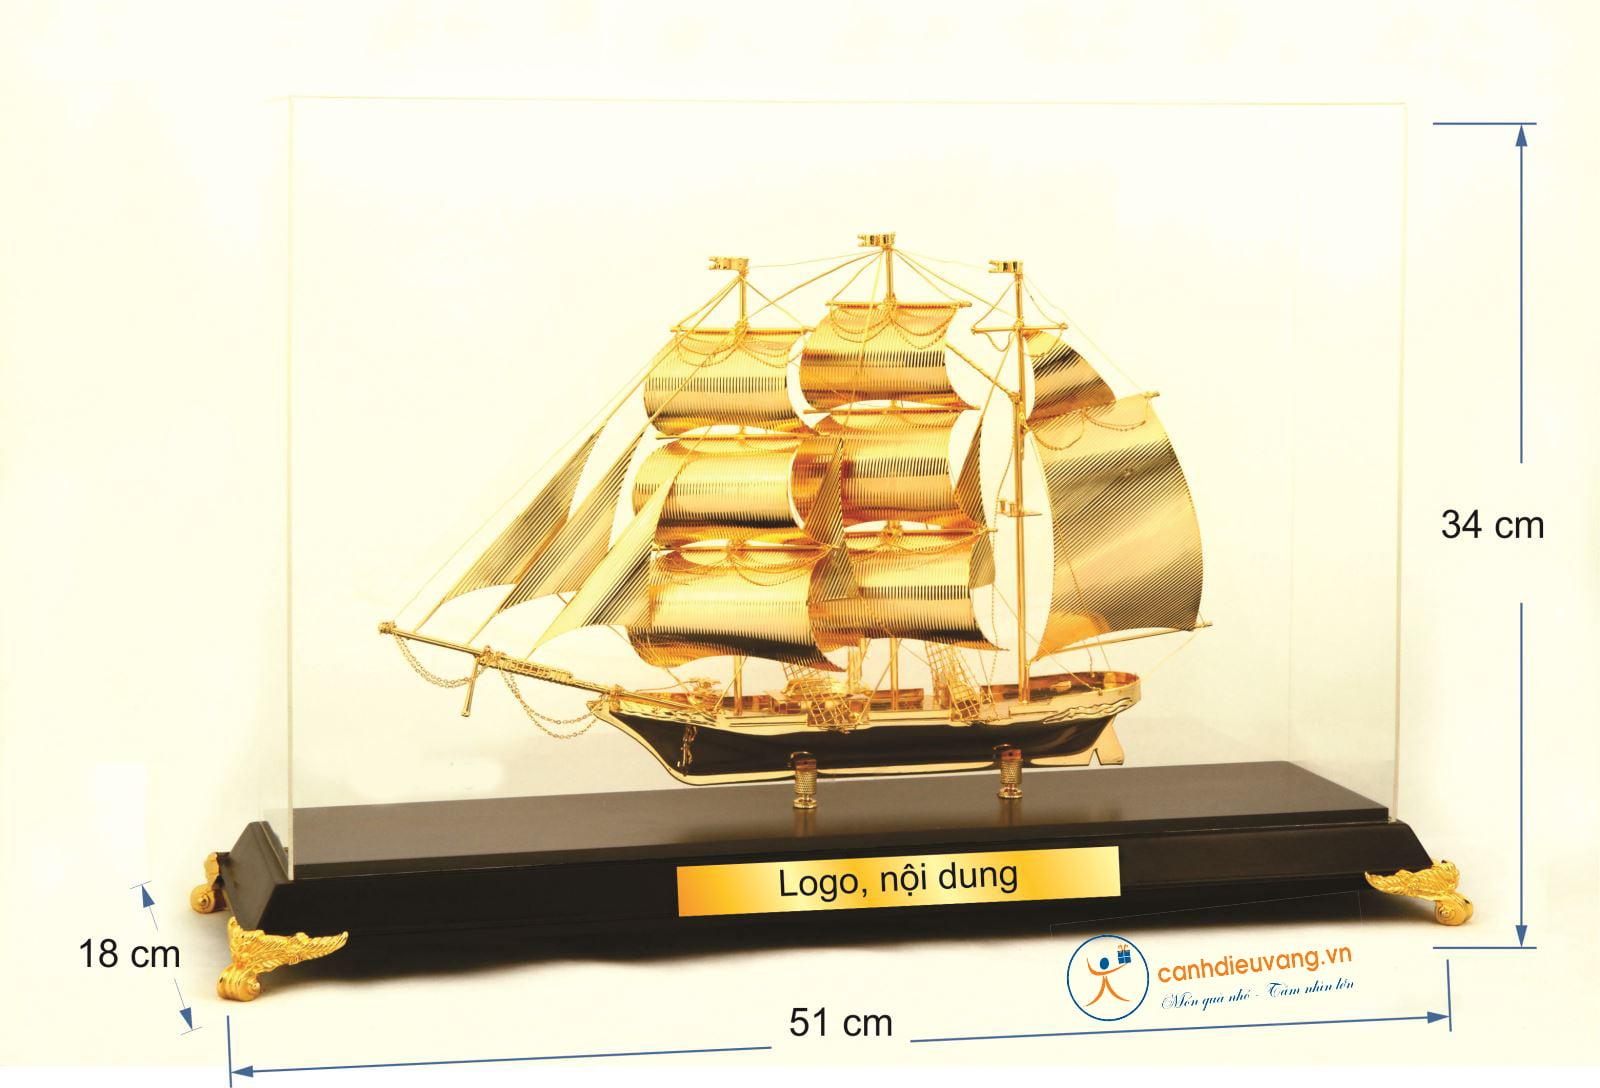 Thuyền buồm mạ vàng cỡ đại 40